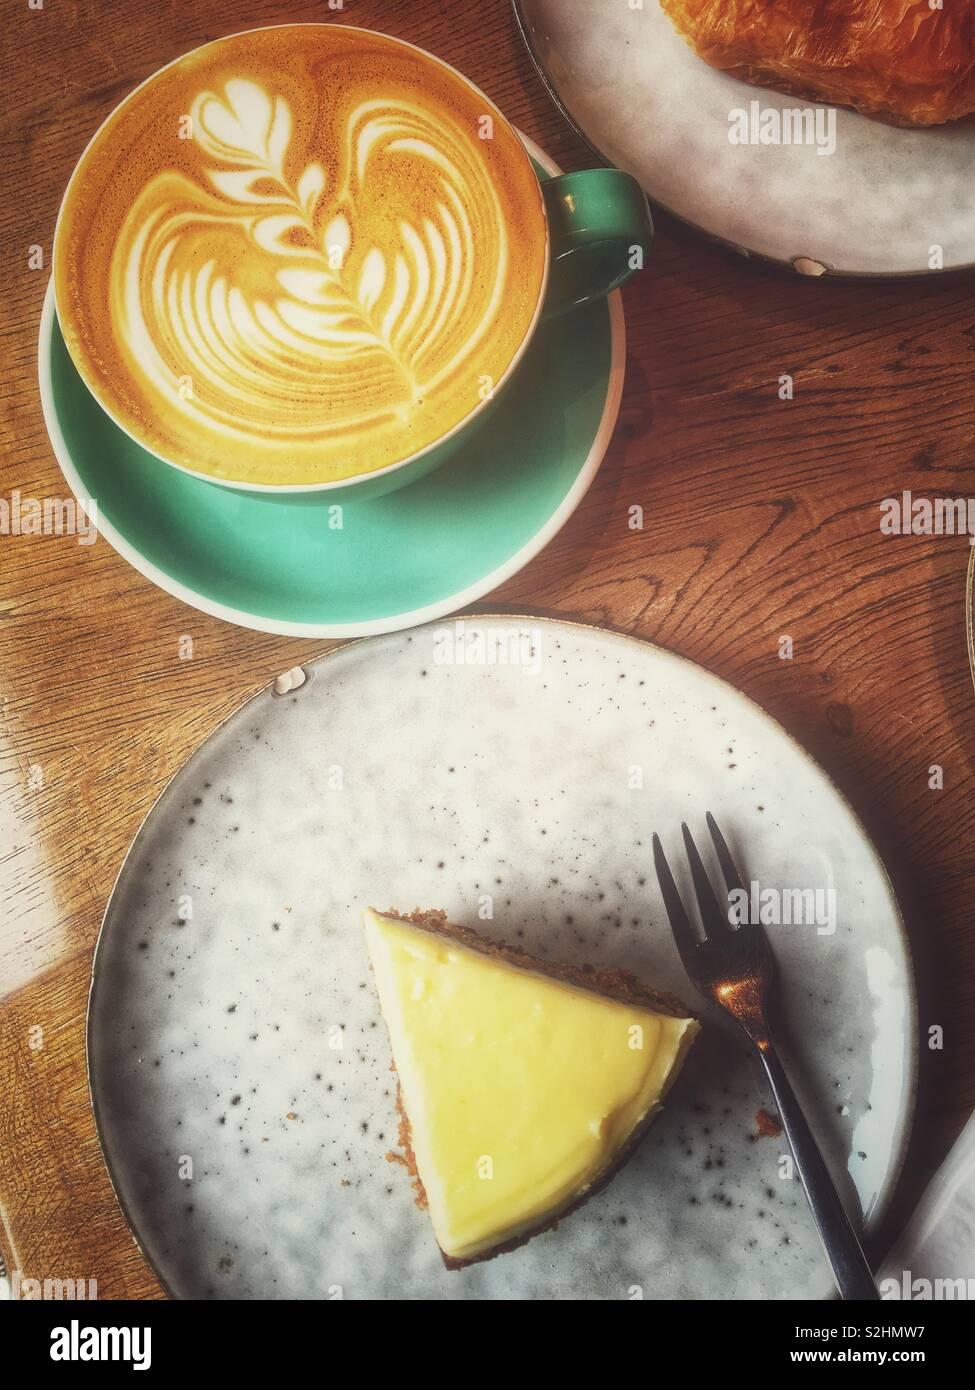 Postre y café en una cafetería. Imagen De Stock